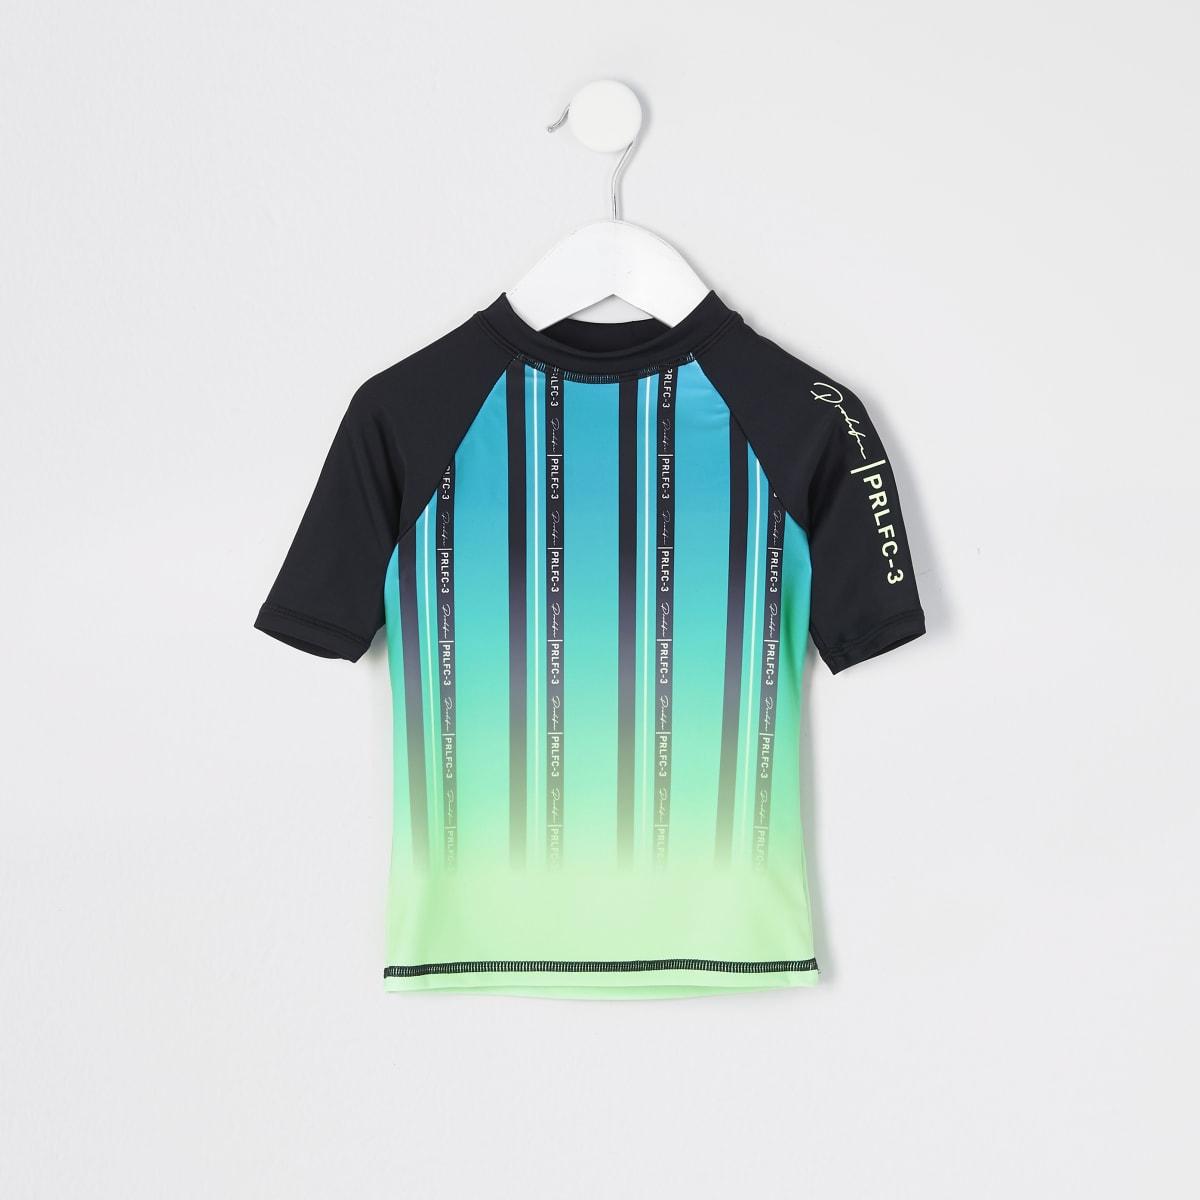 Prolific - Groengeel T-shirt met strepen voor mini-jongens